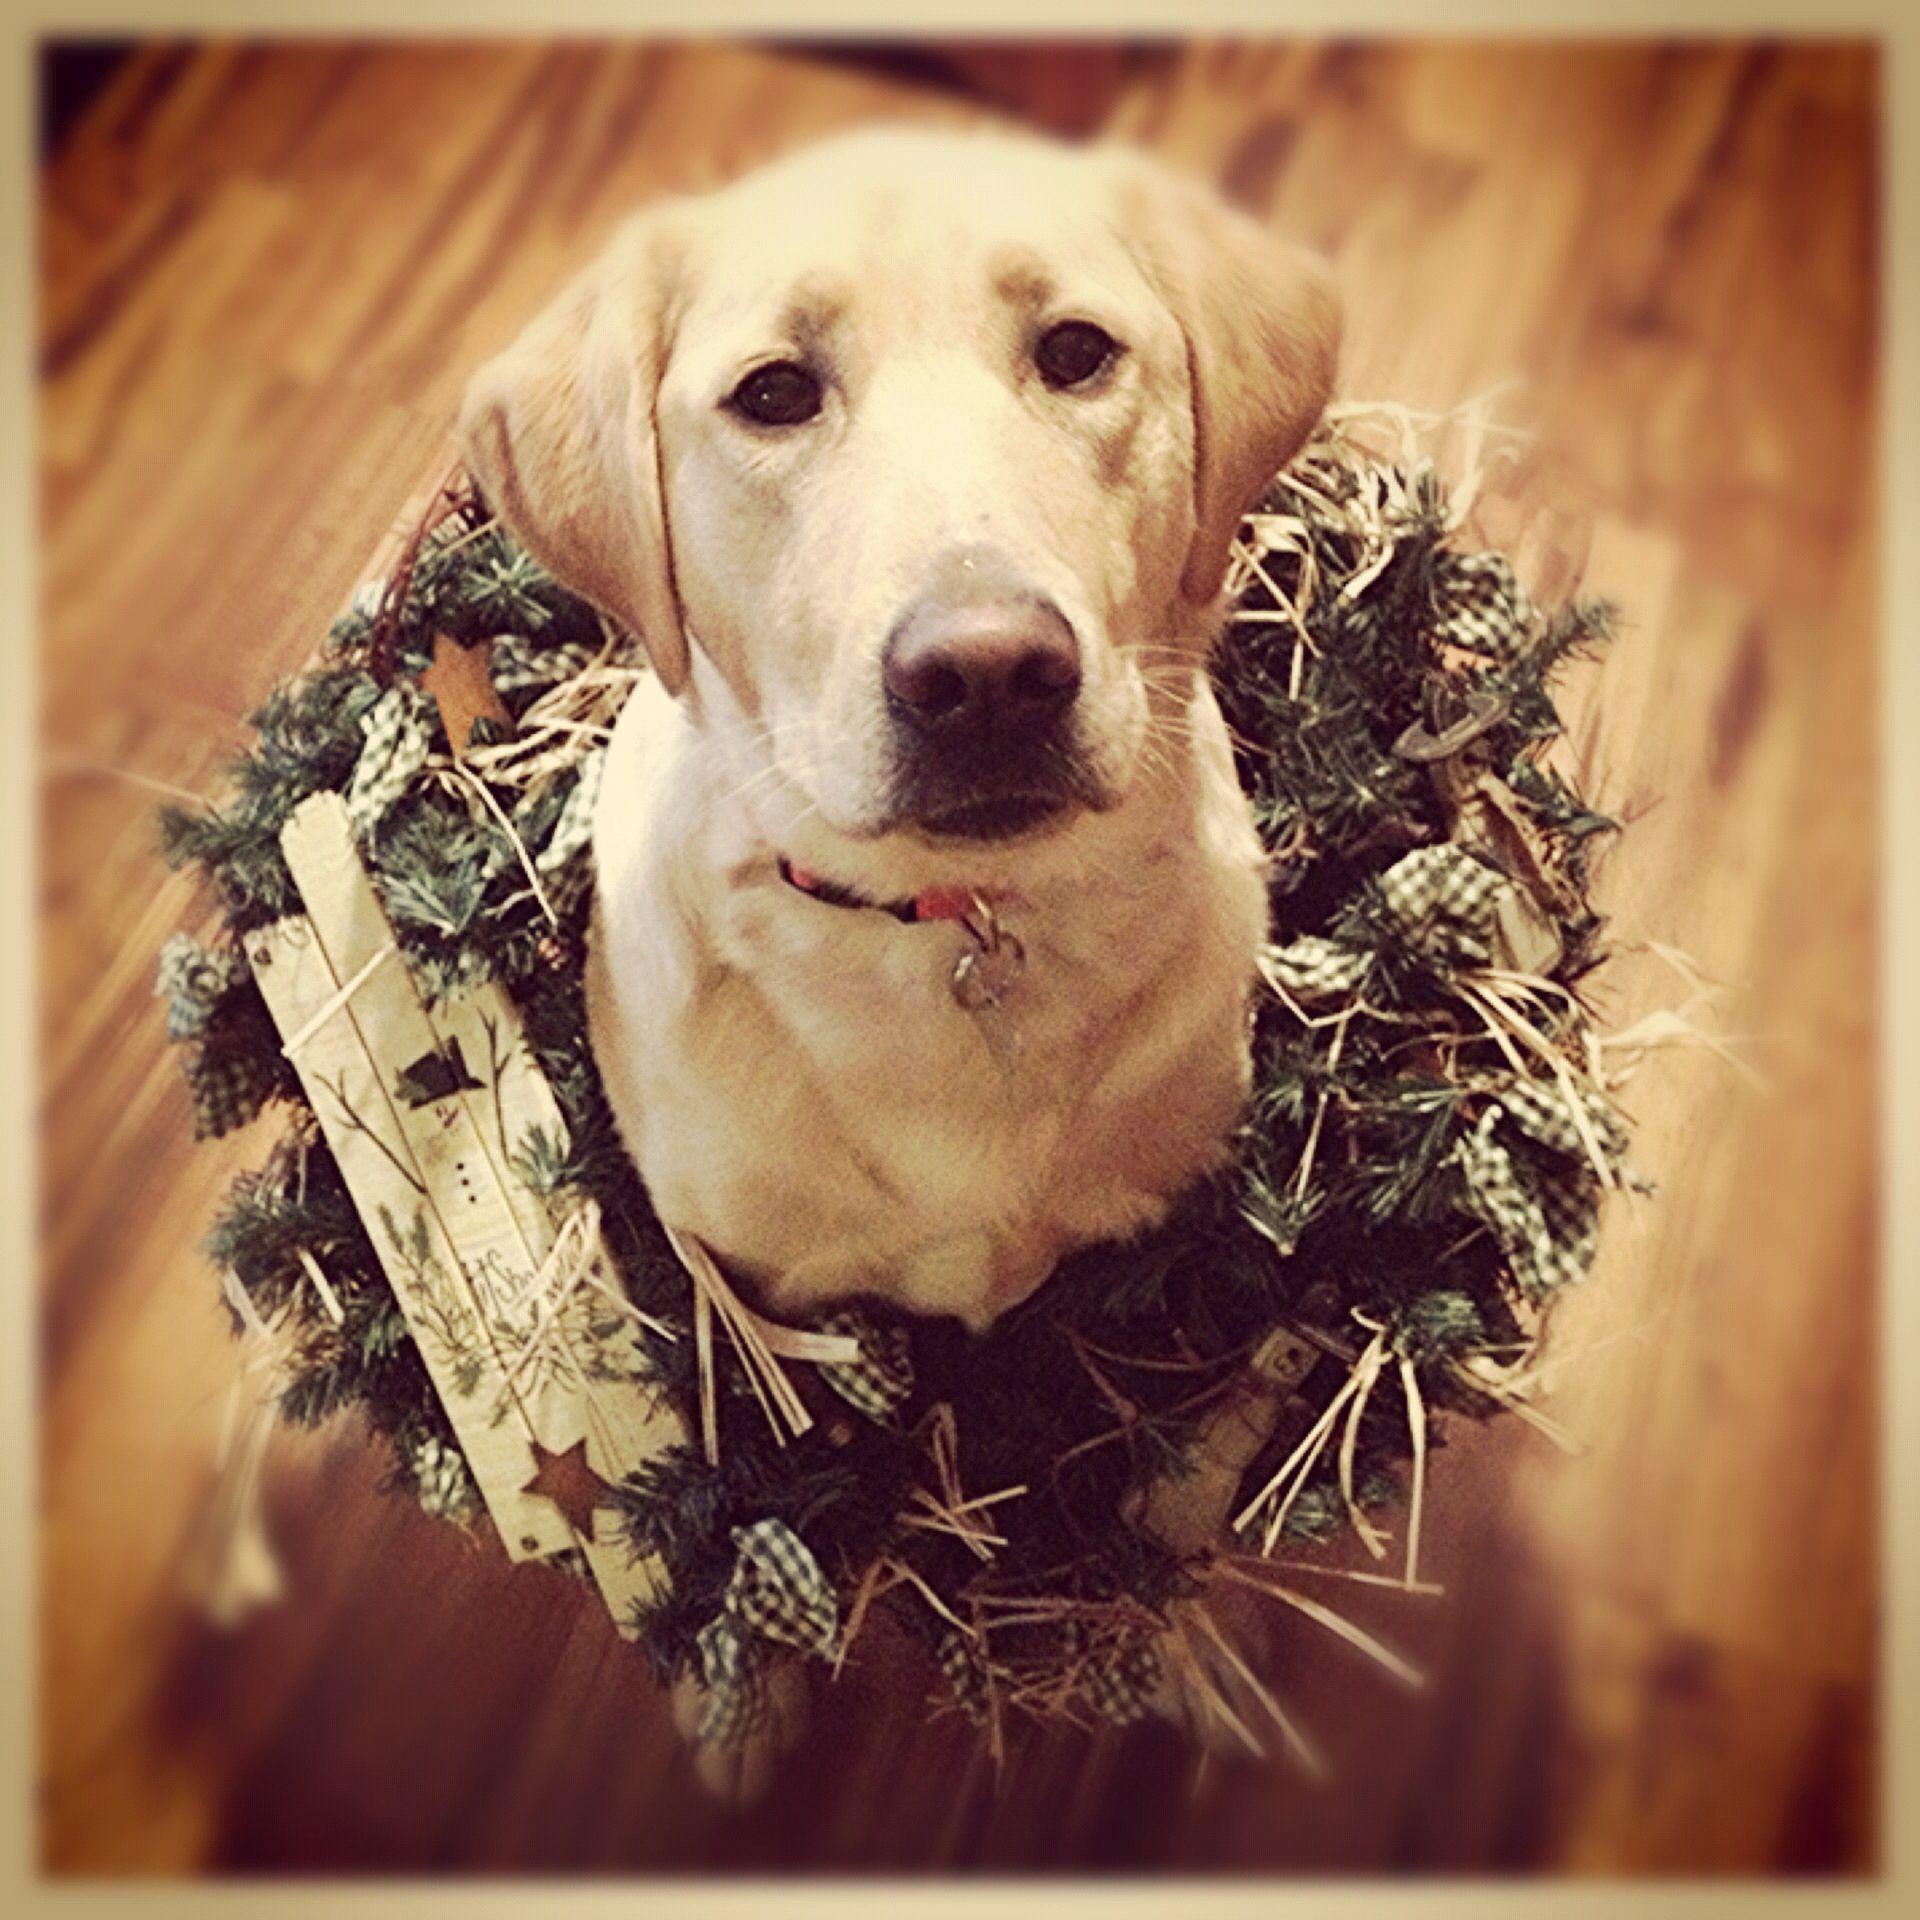 Dog In A Wreath Cute Dog Christmas Card Photo Christmas Card